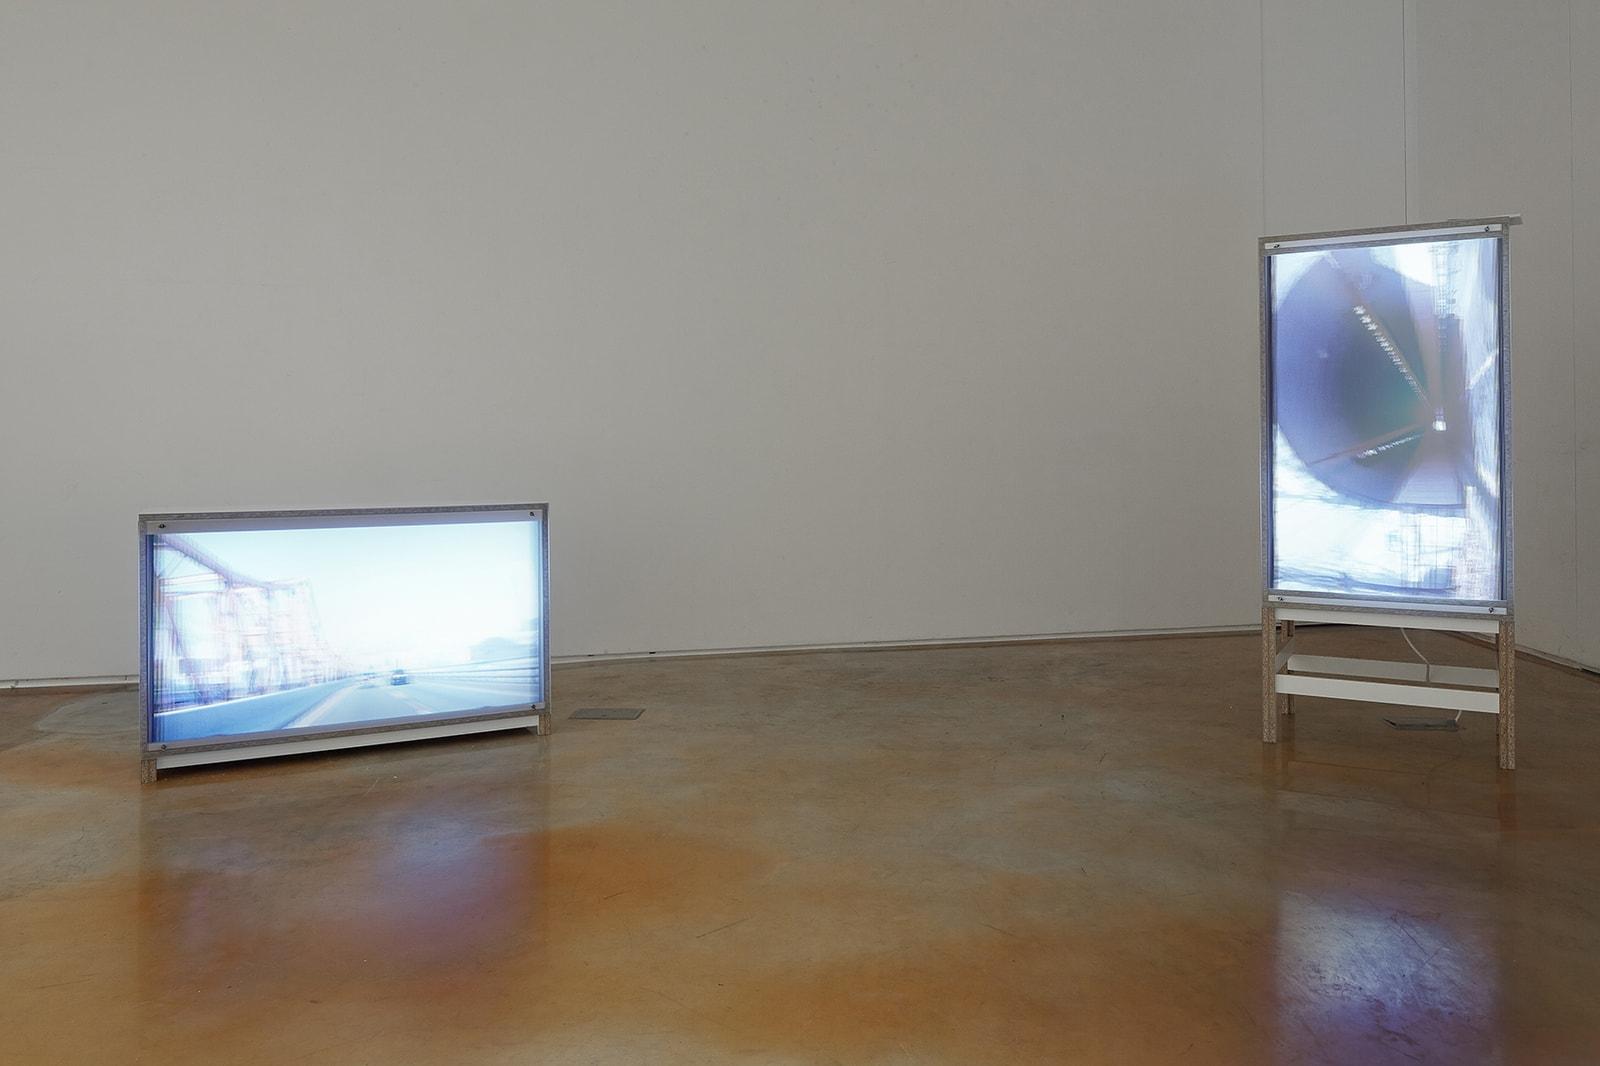 港人的苦中作樂式修煉 | 學會欣賞閉路電視的視覺藝術